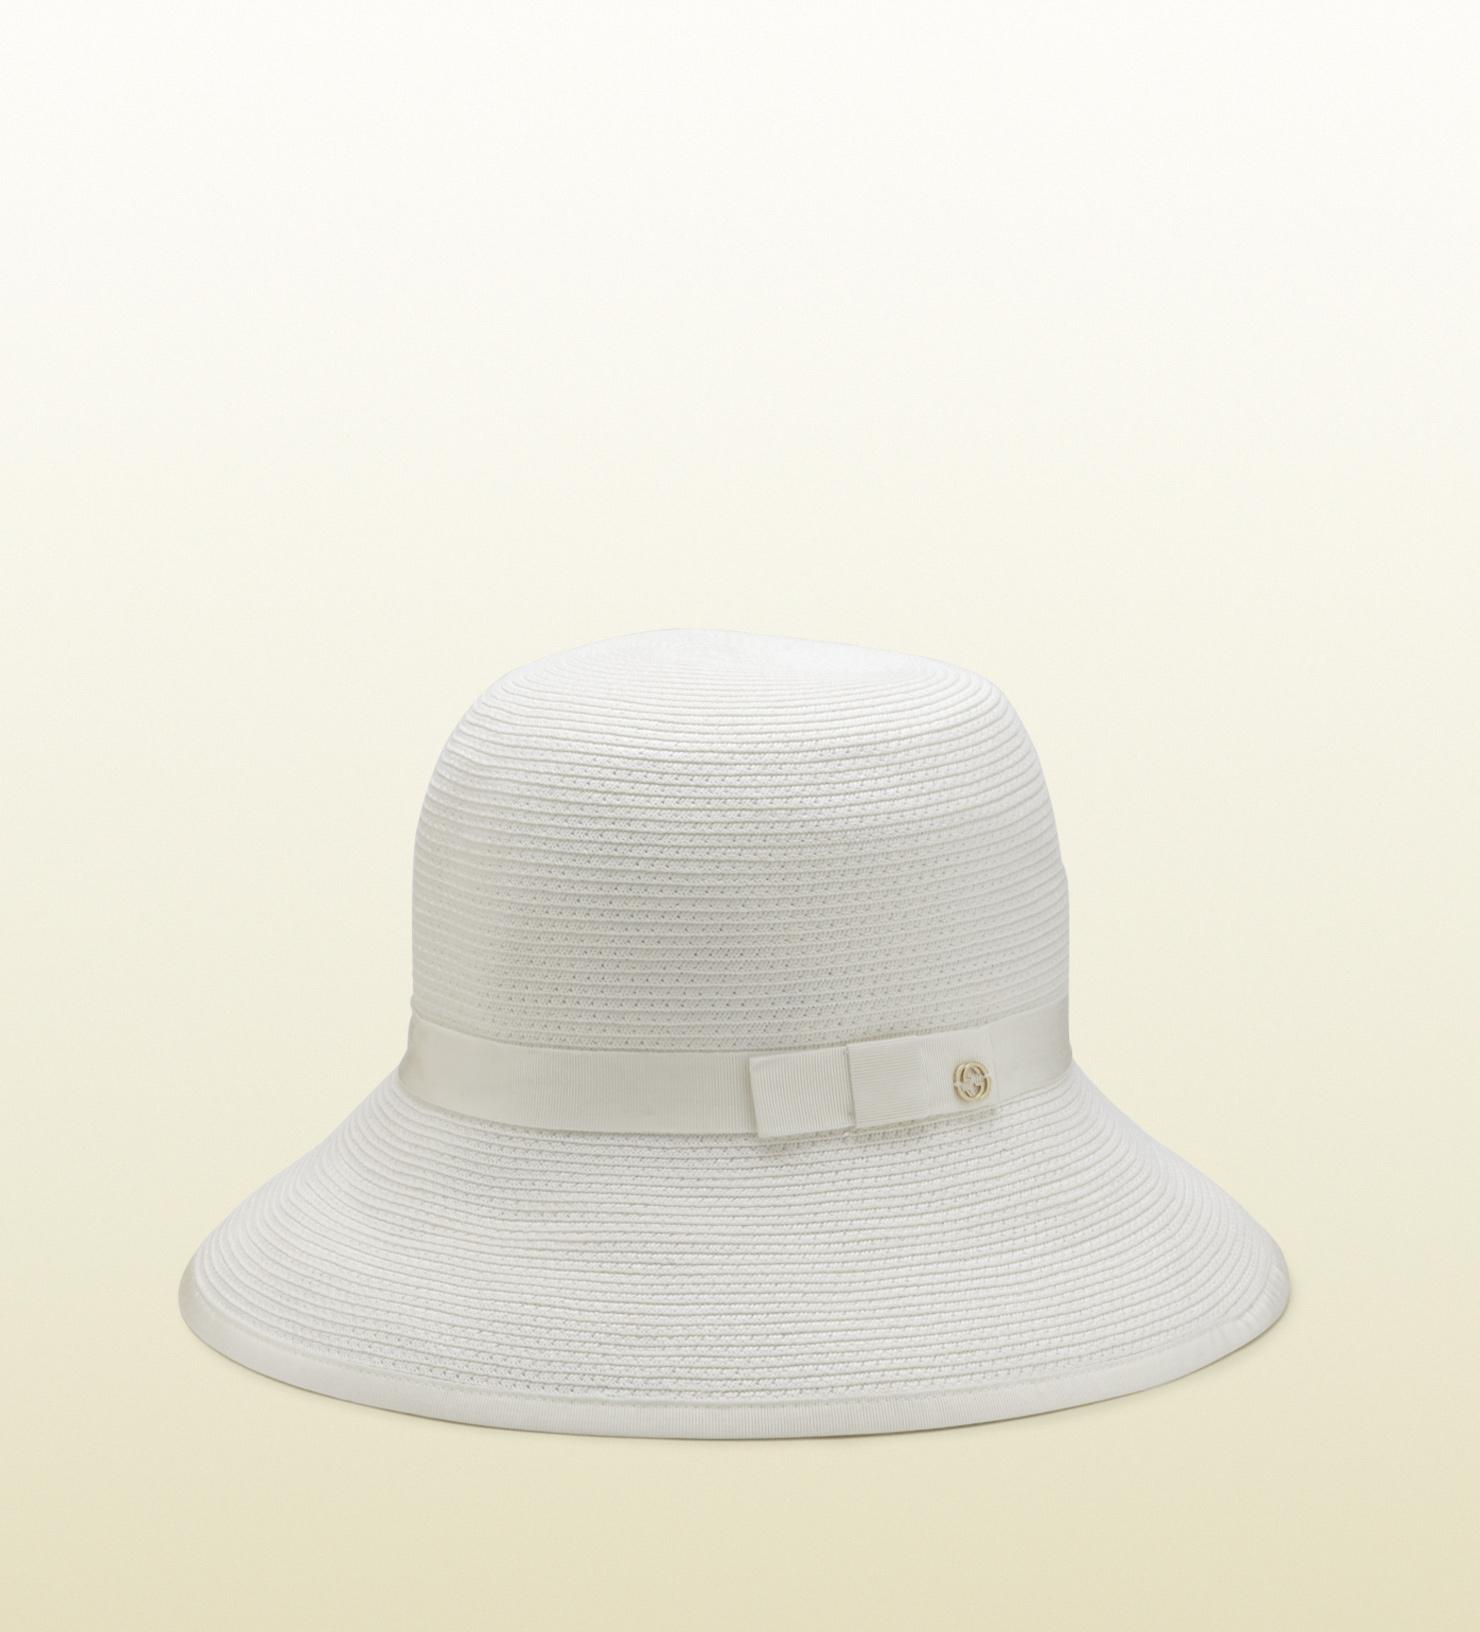 gucci white bucket hat in white lyst